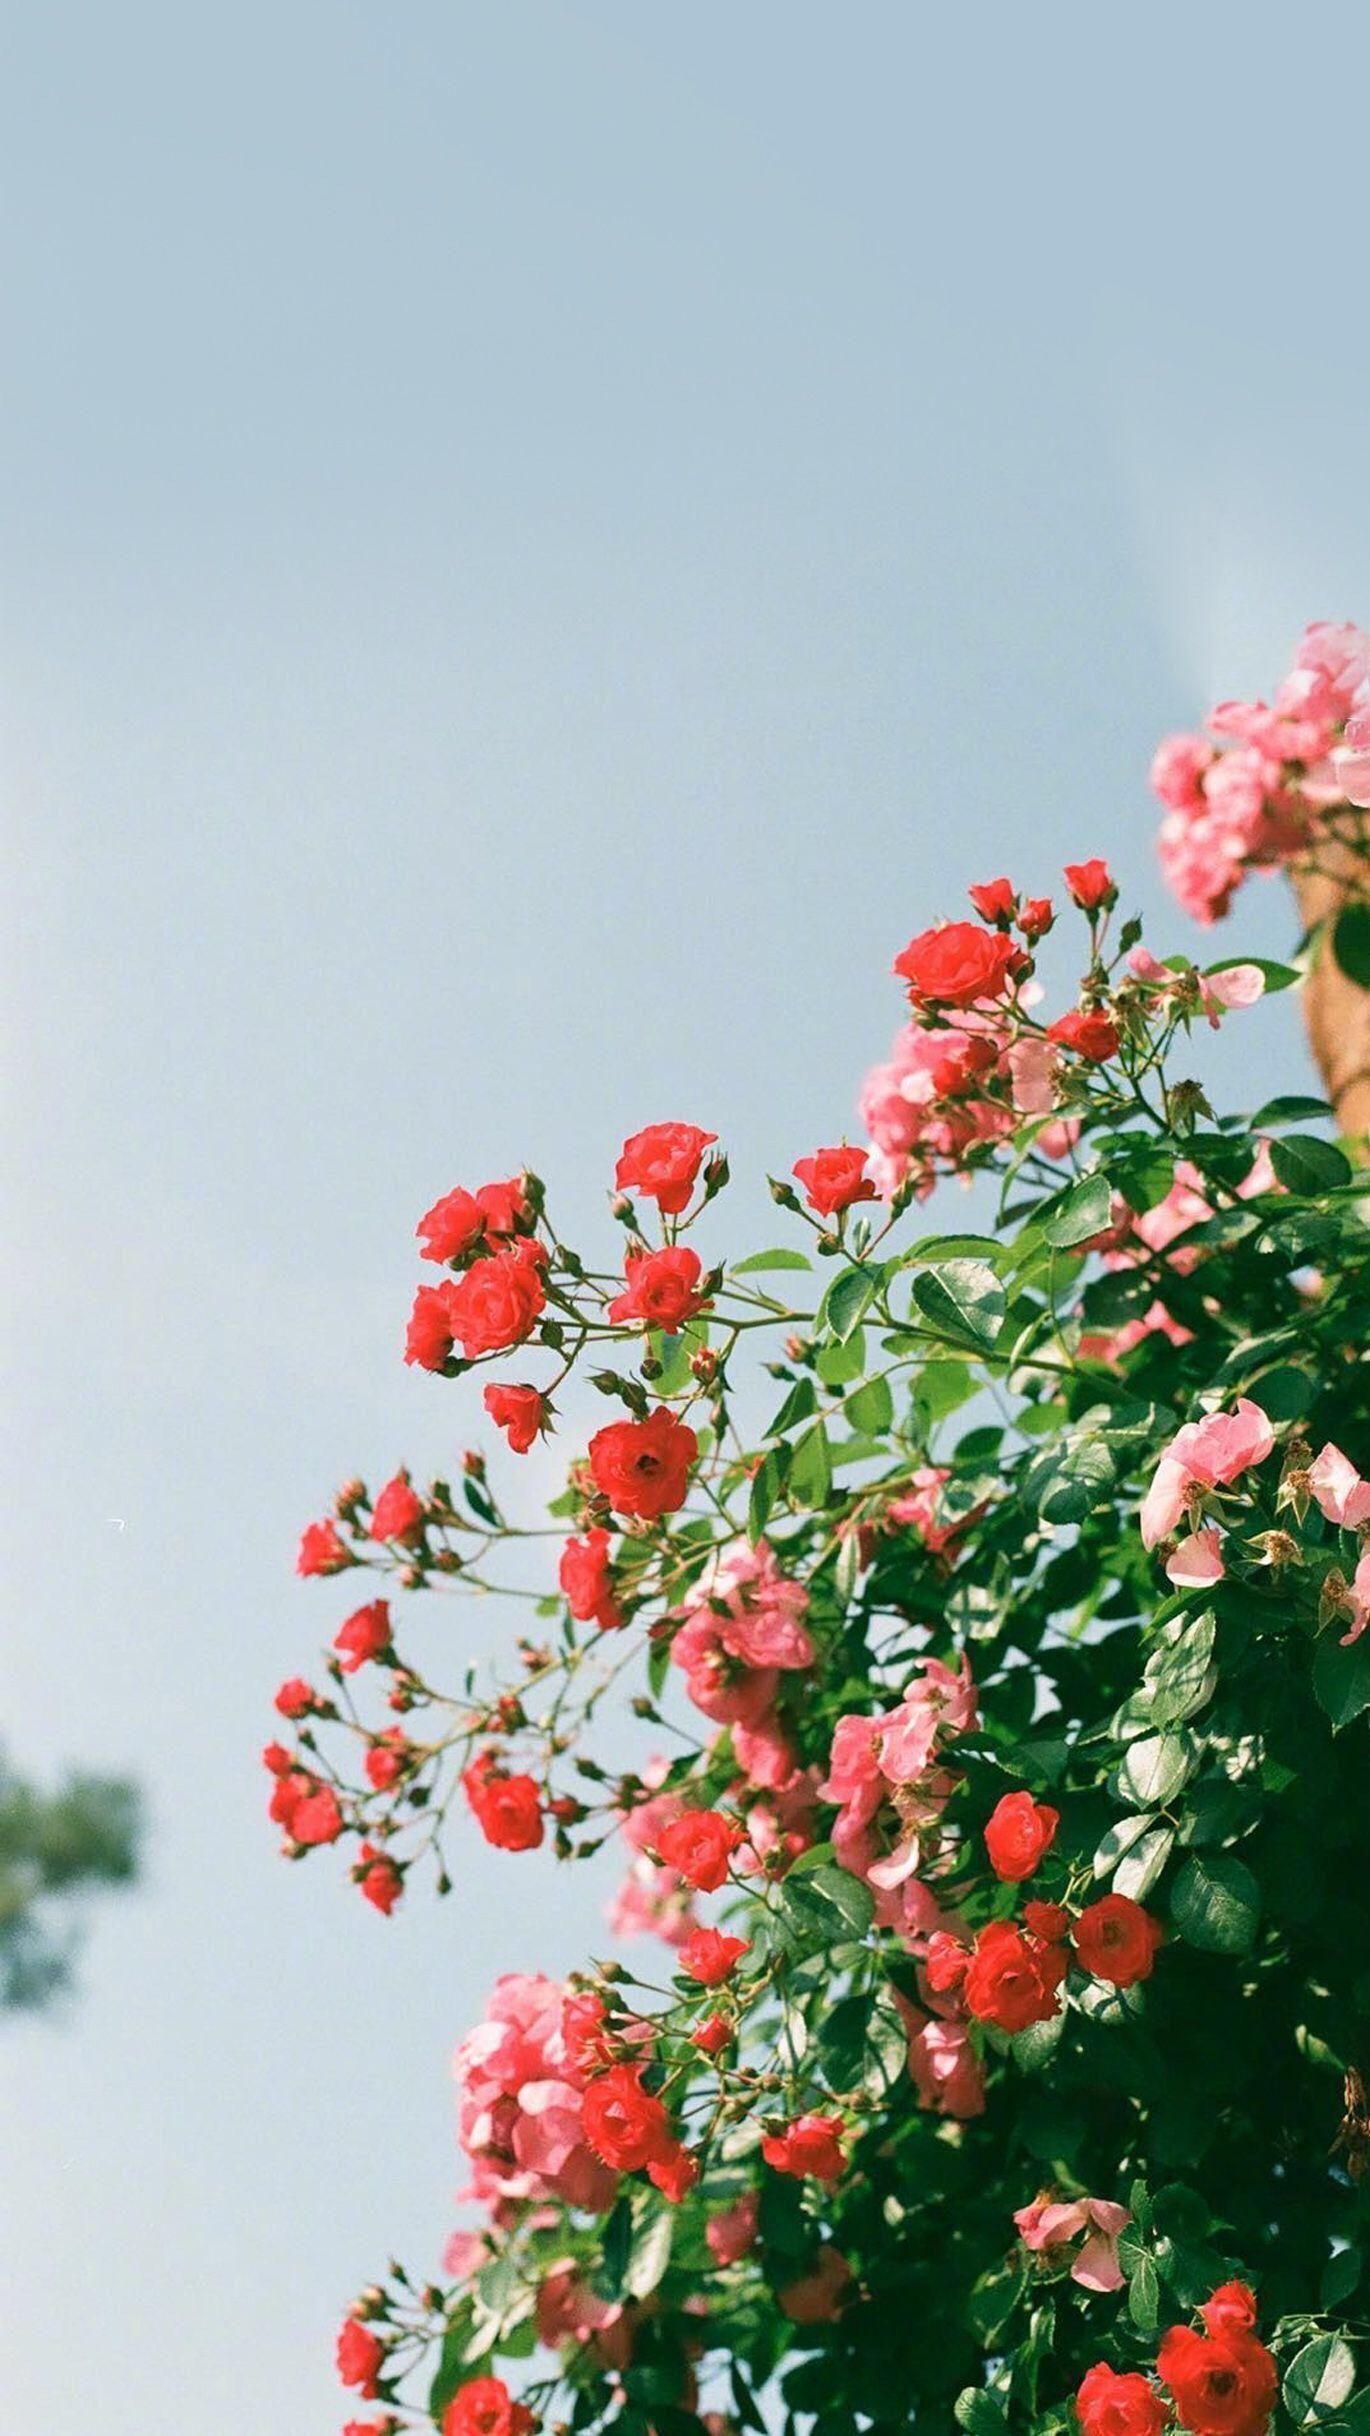 flower + sky + wallpaper in 2020 Flower aesthetic